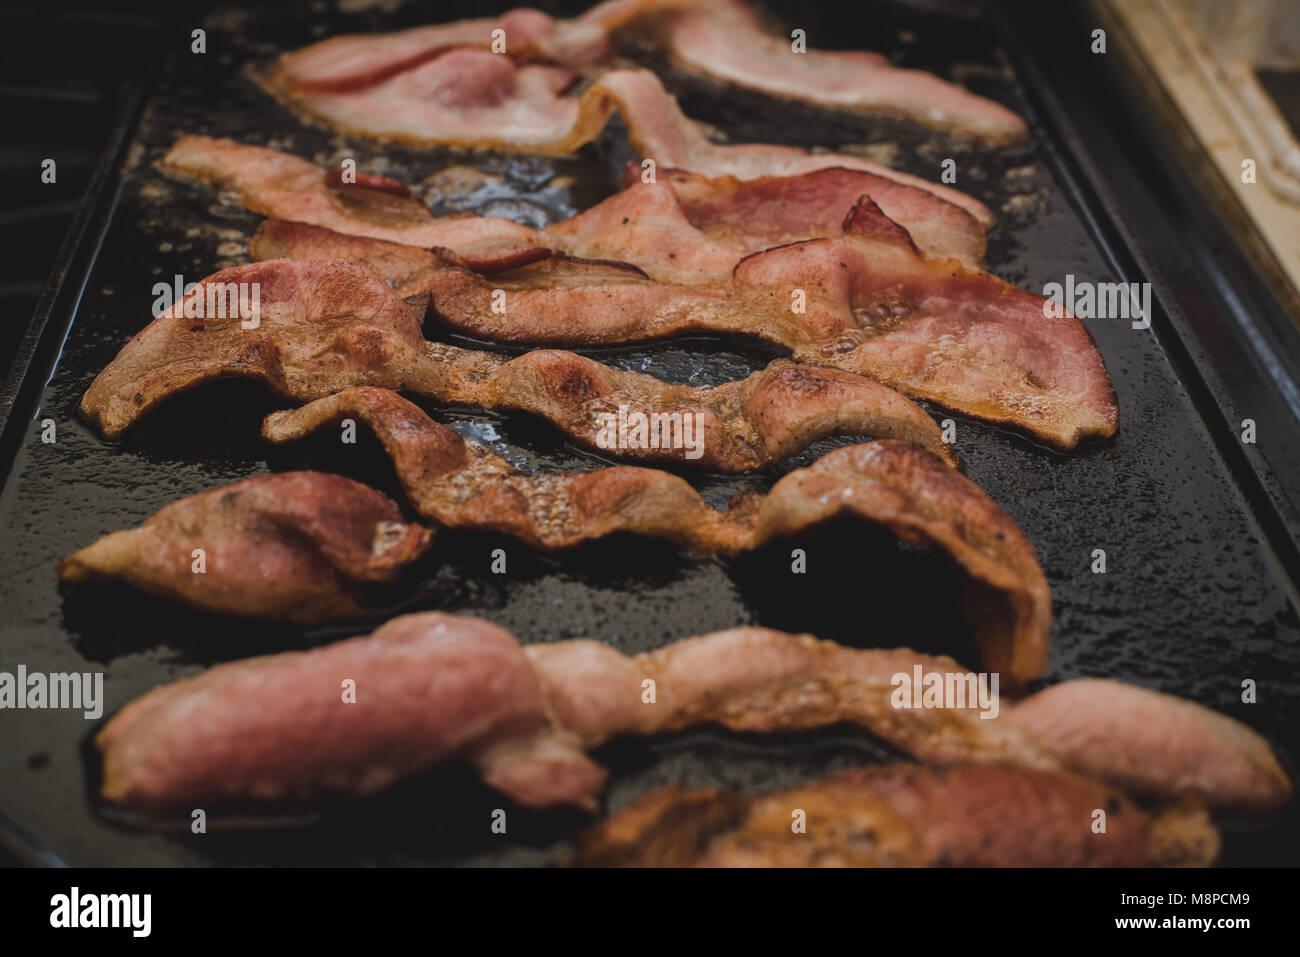 Un cierre para arriba para bacon sizzling en una sartén. Imagen De Stock